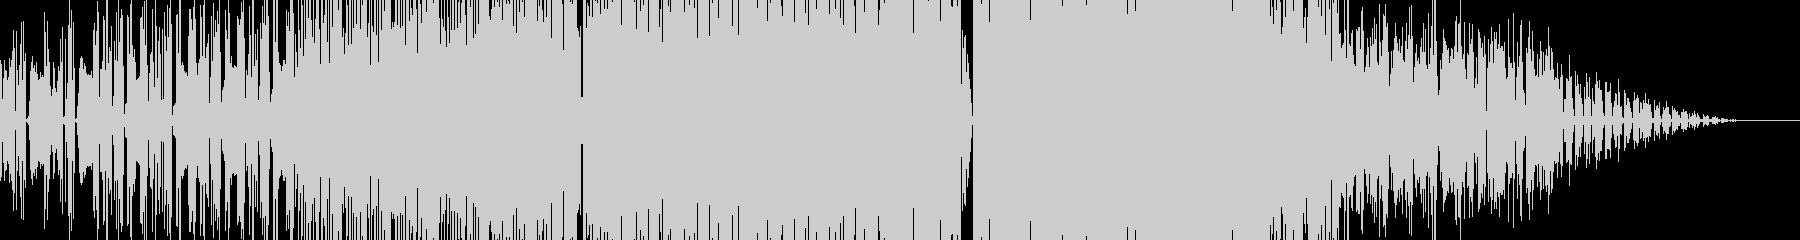 ポップで切ないエレクトロニックなBGMの未再生の波形